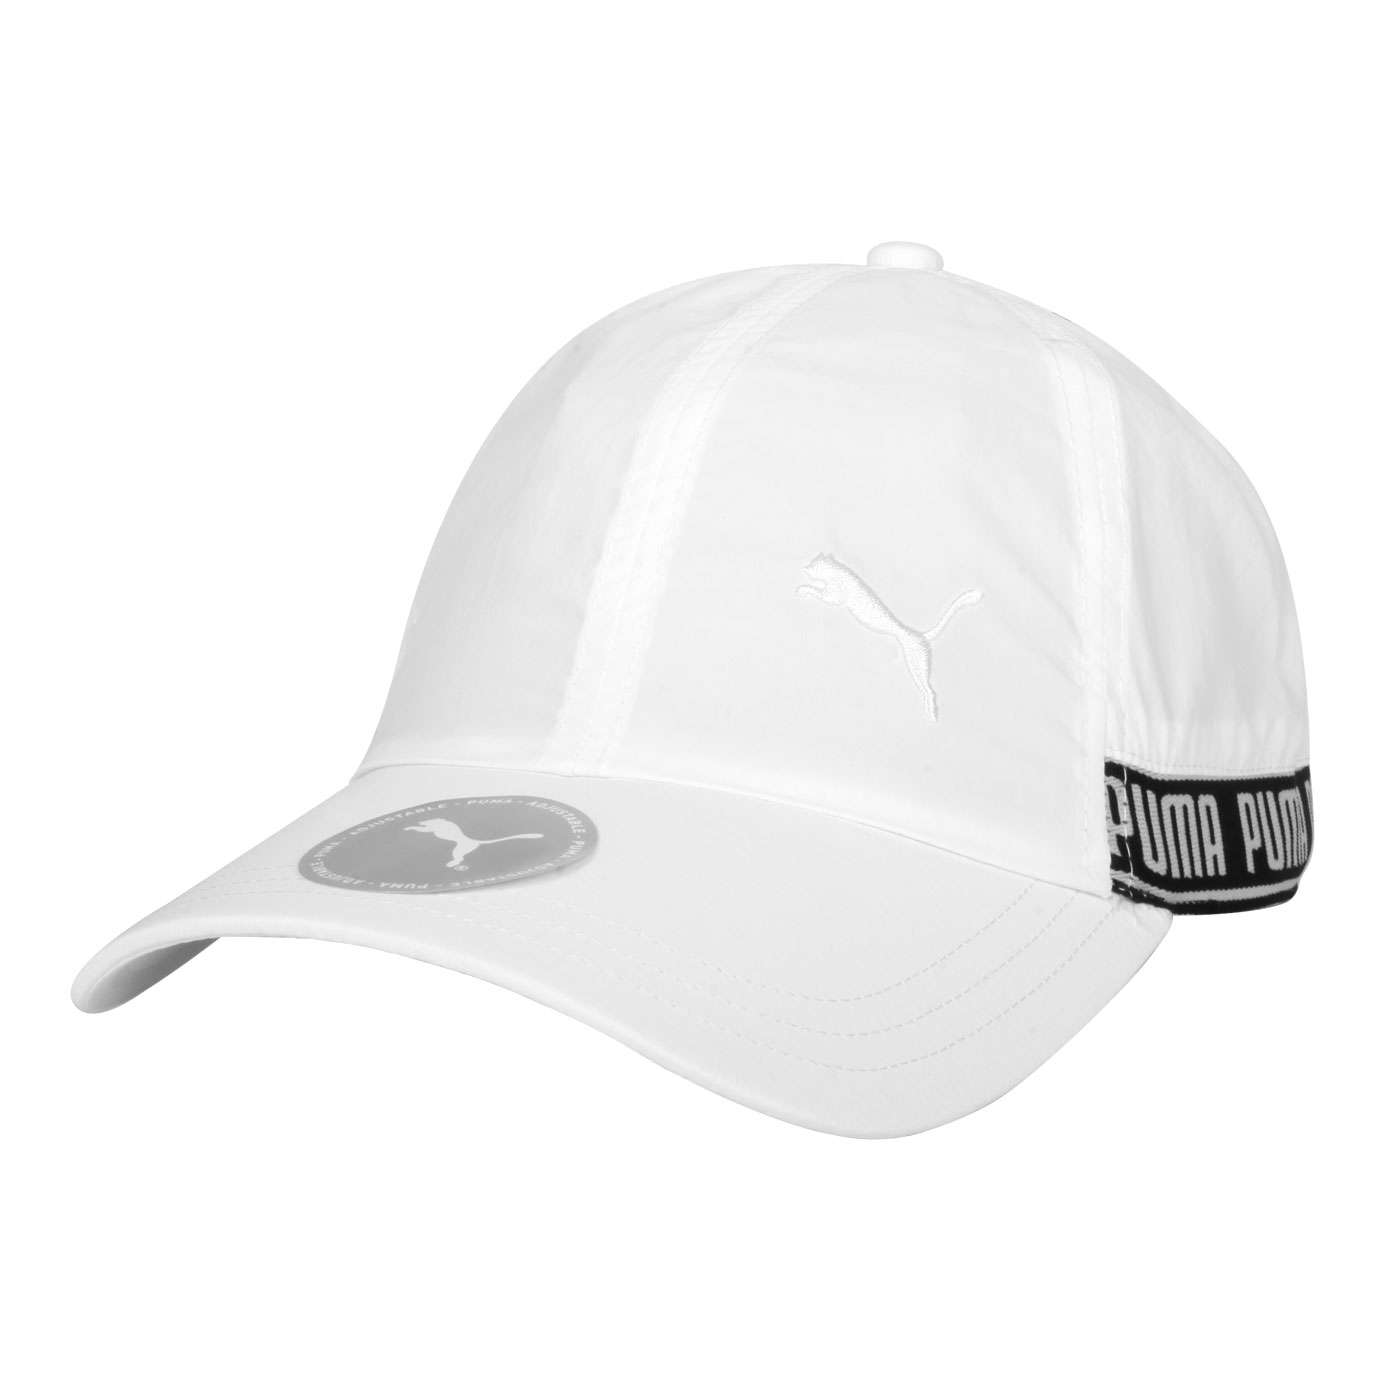 PUMA 棒球帽 02285402 - 白黑